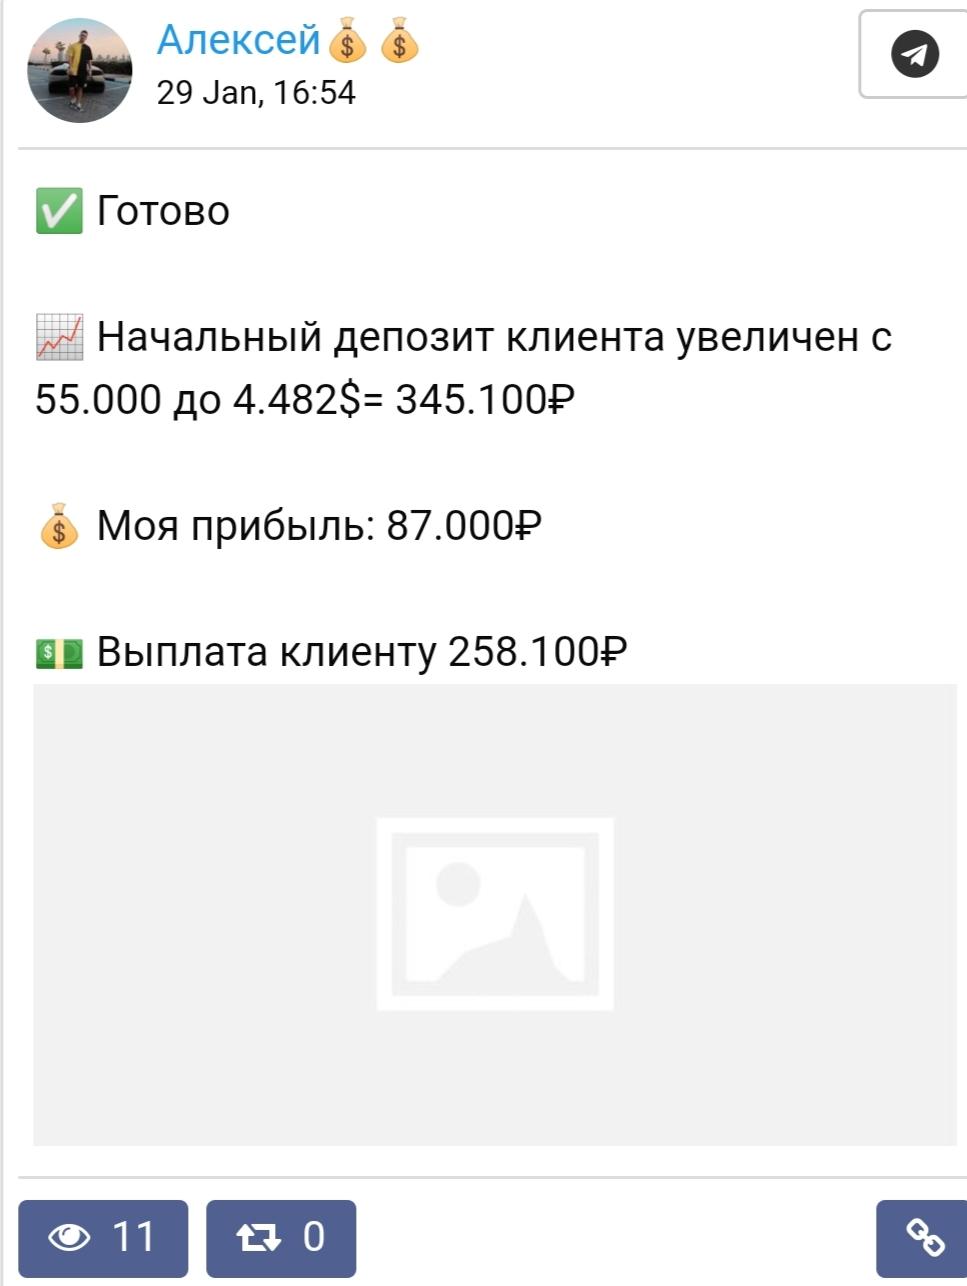 Представлена статистика в виде скринов денежных переводов